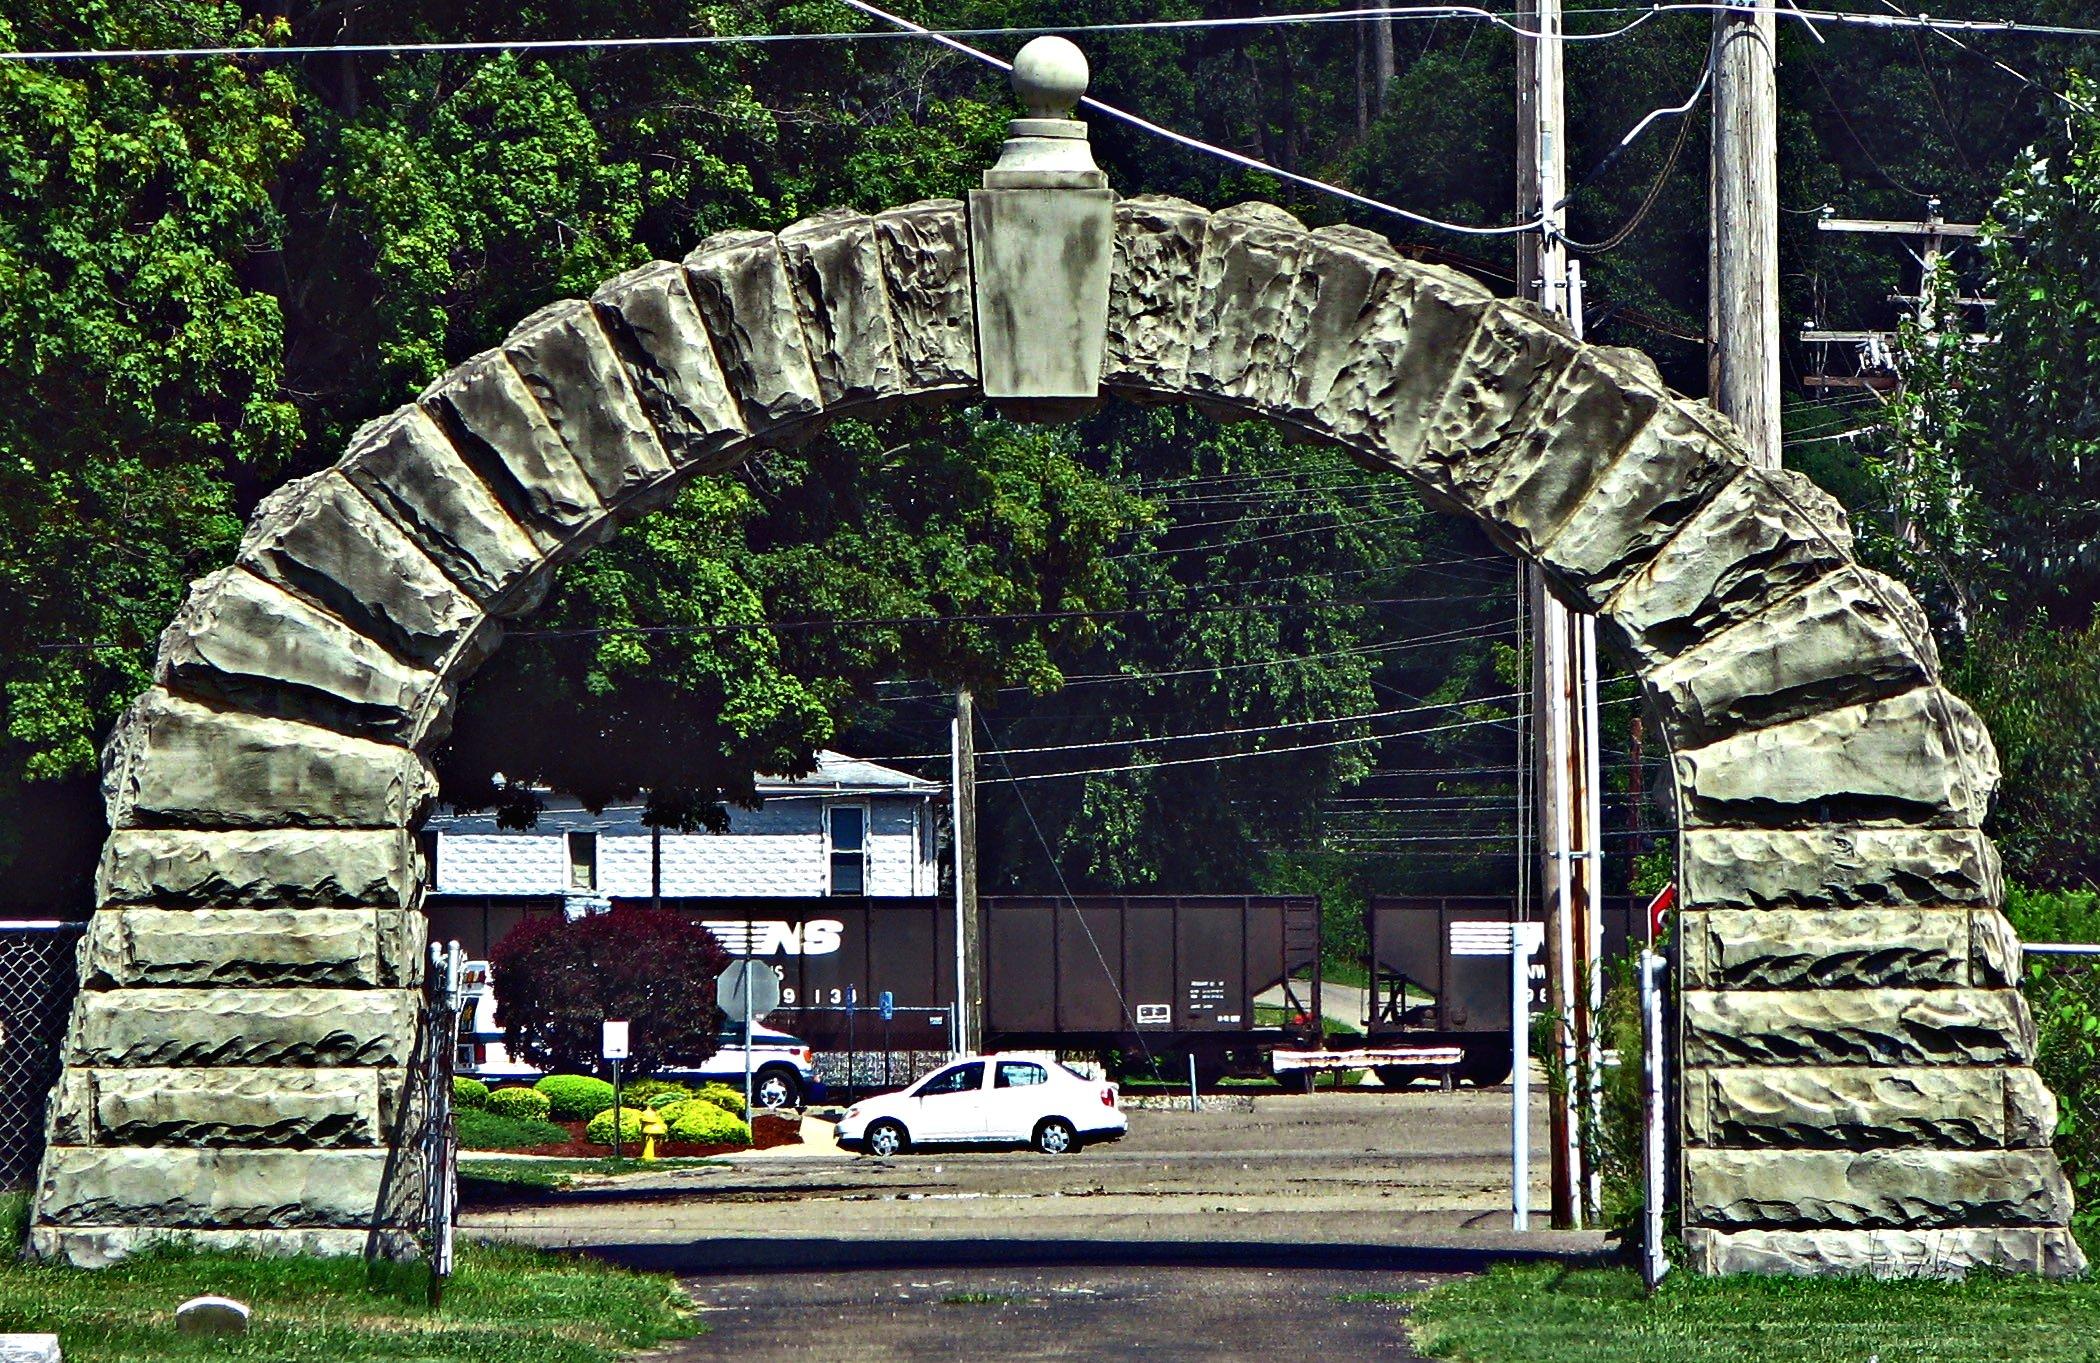 Lucasville ohio zip code